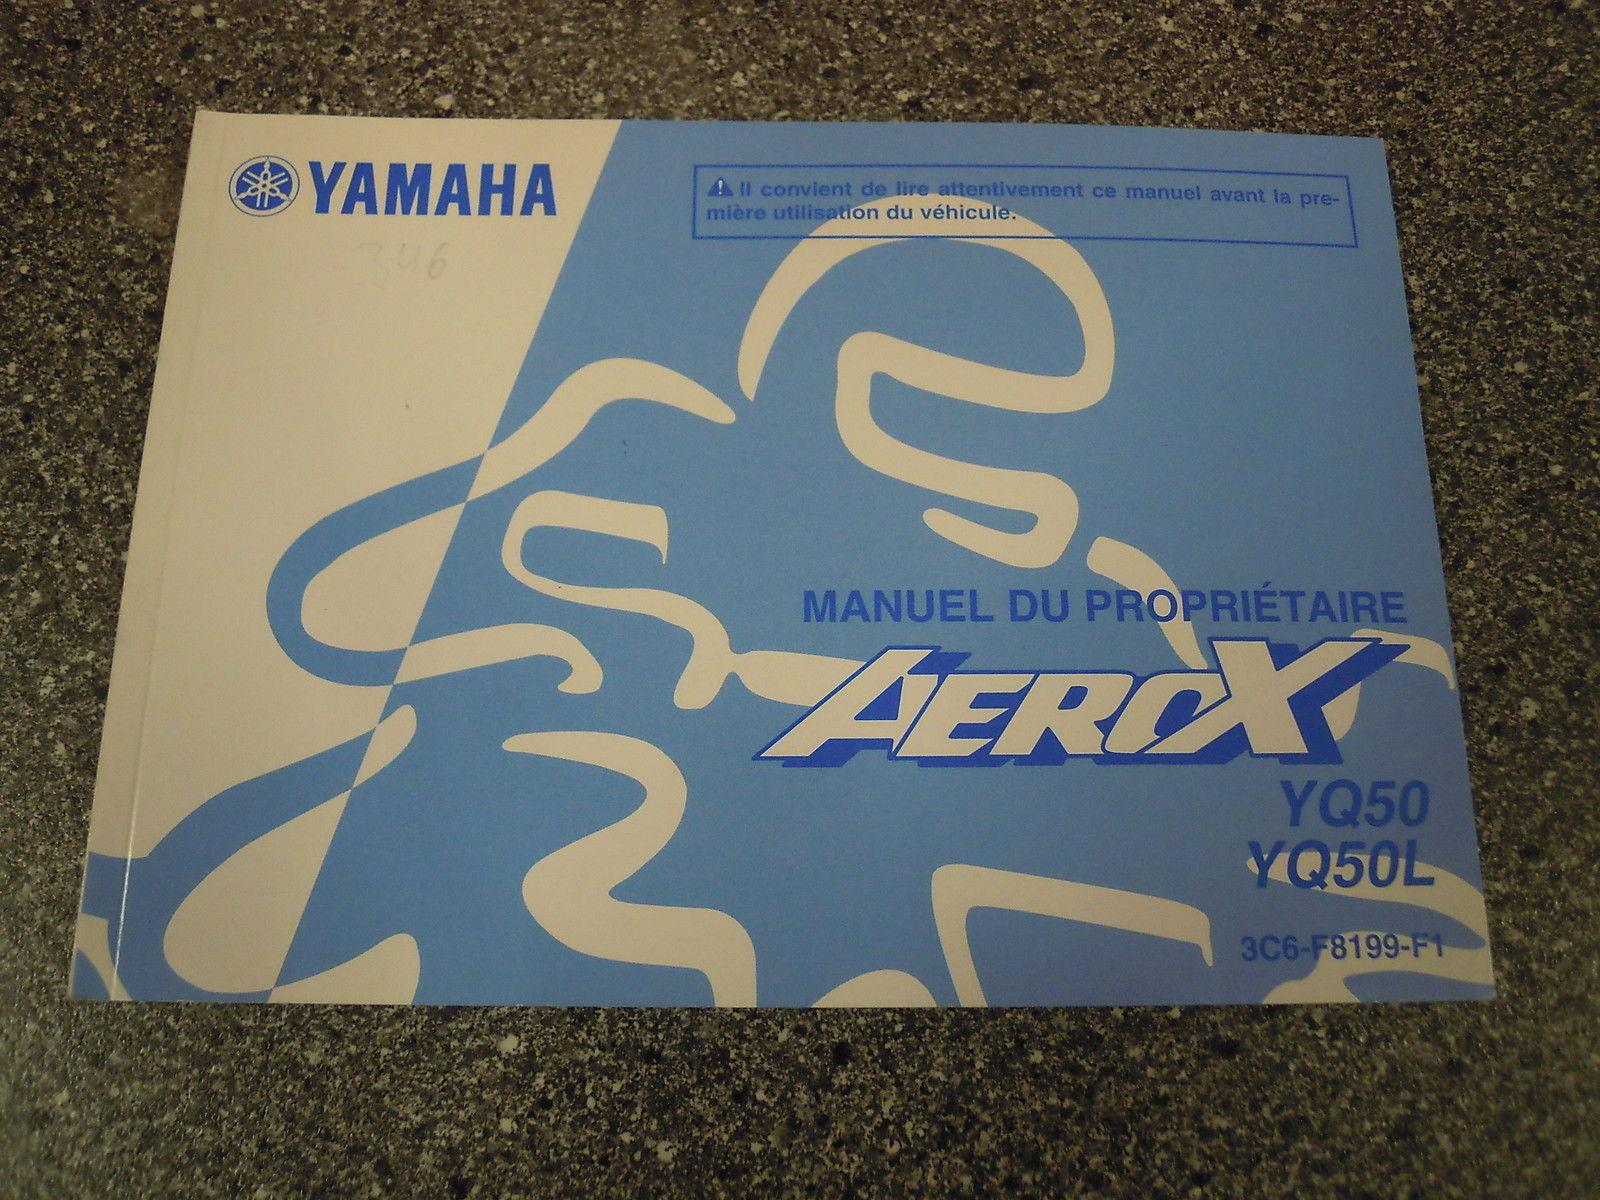 Bedienungsanleitung Yamaha Aerox YQ50 YQ50L Aug08 3C6-F8199-F1 ...